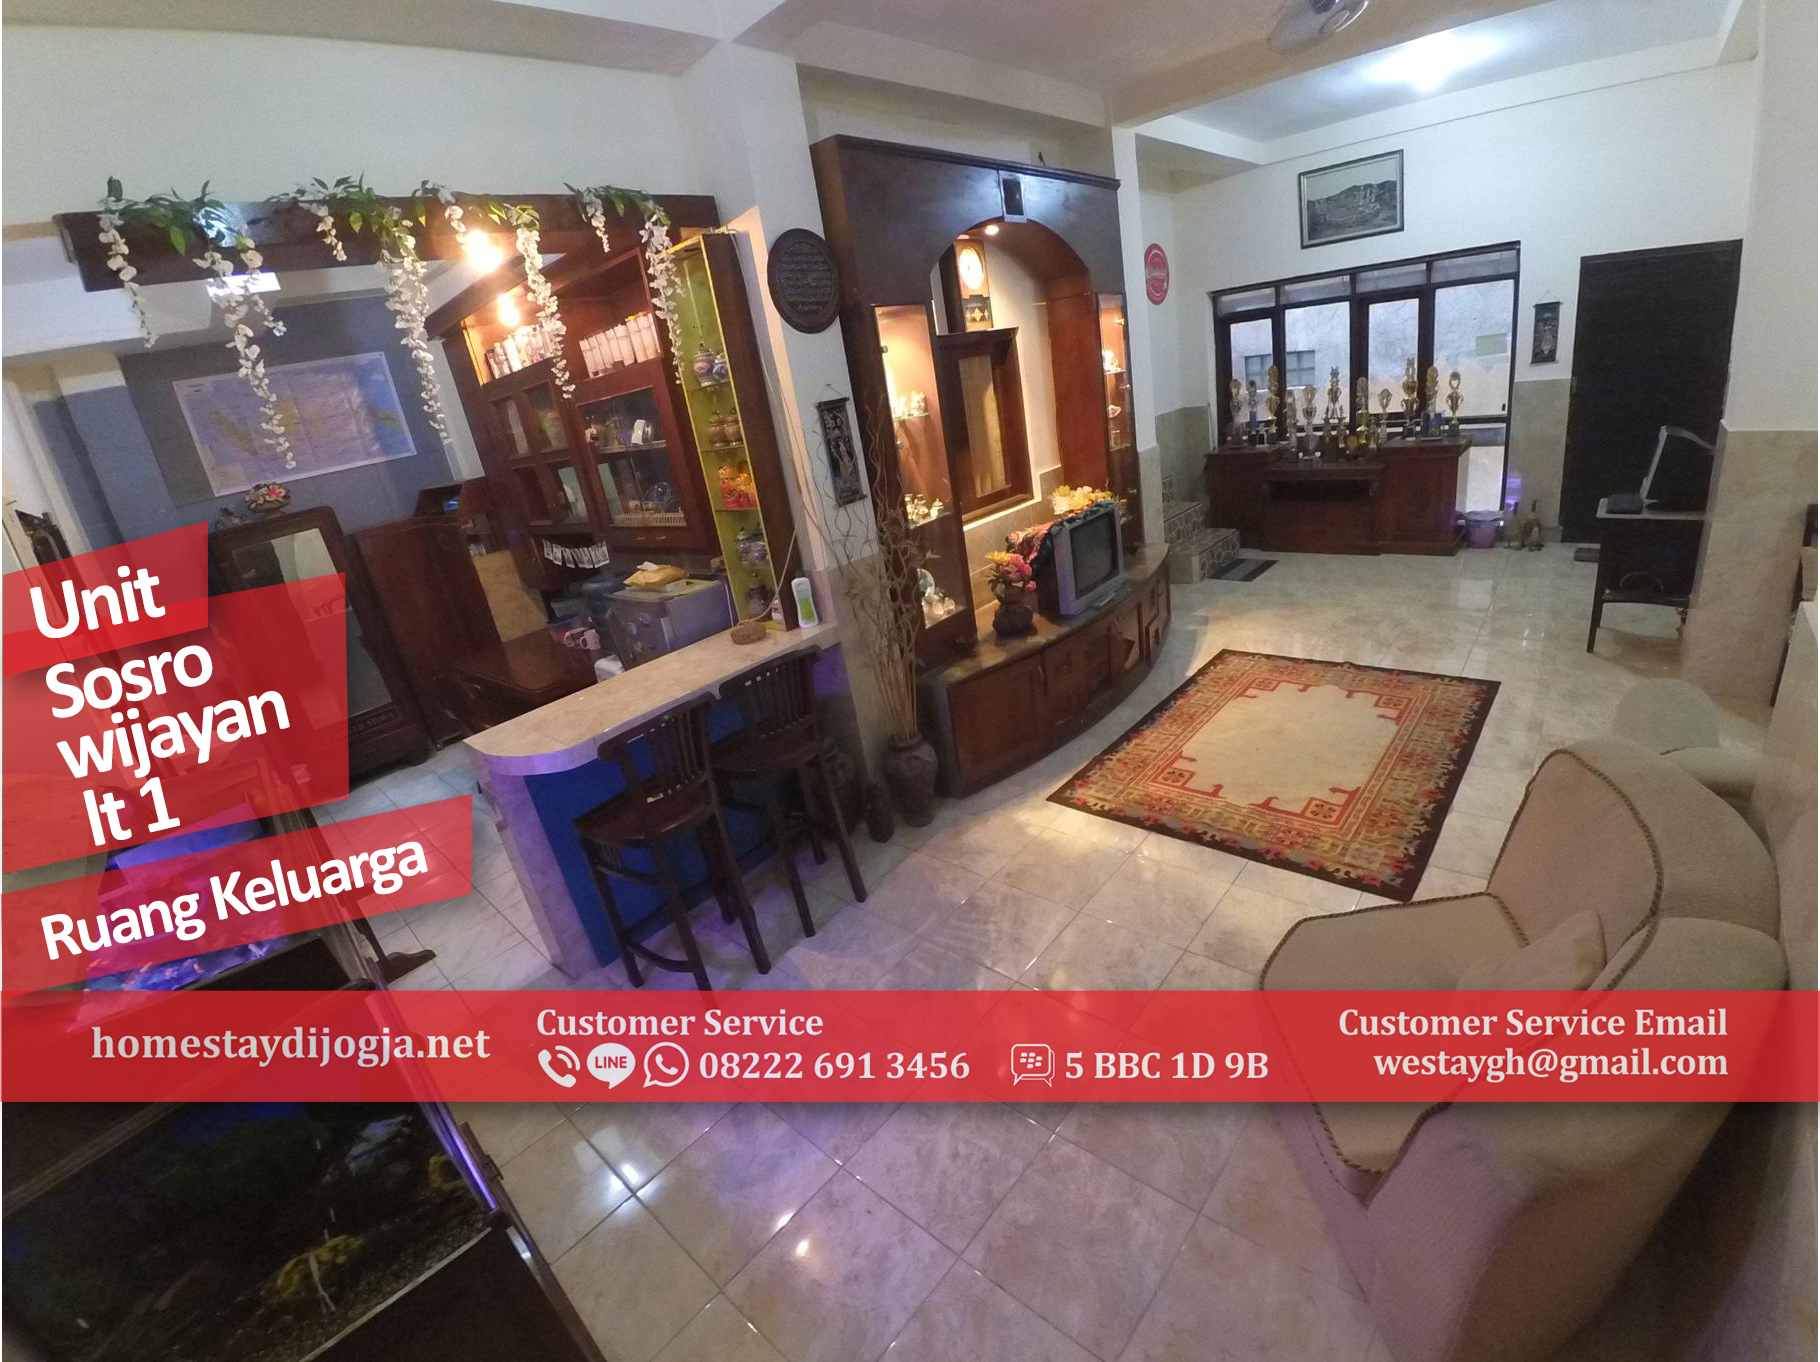 Guest House Jogja 4 Kamar di Sosrowijayan 100 Meter dari Malioboro